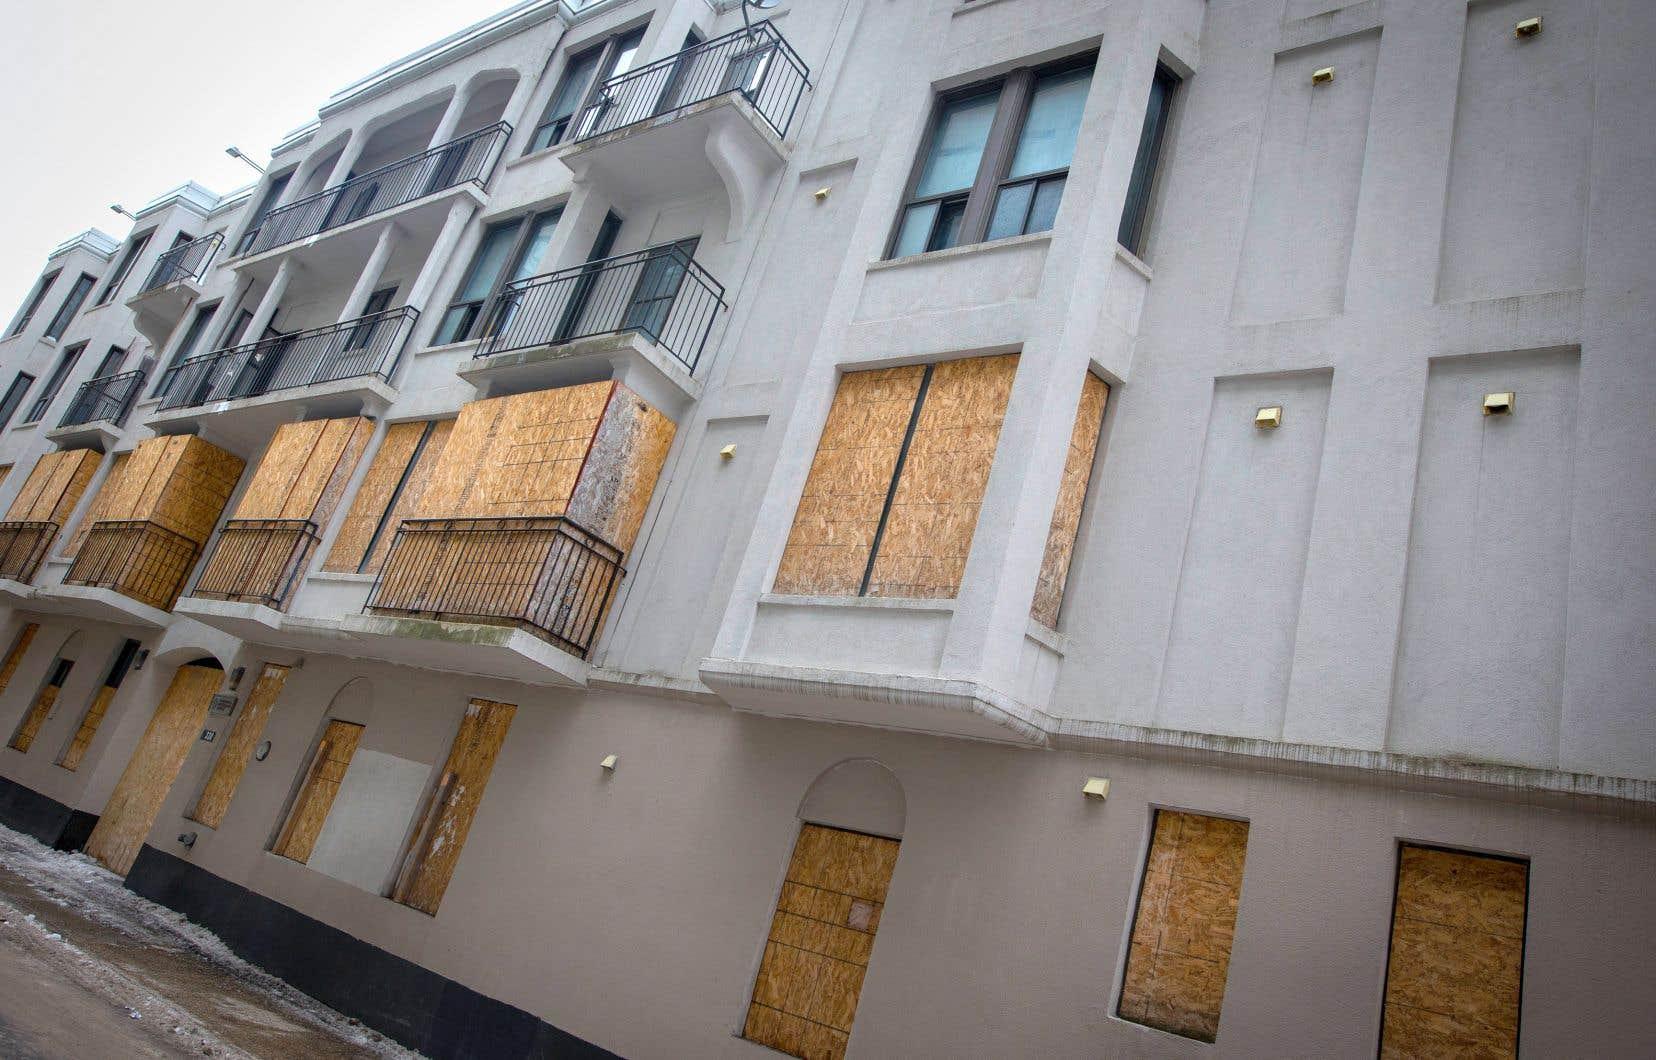 Le bâtiment que la SHDM souhaite démolir est situé dans une discrète rue du Quartier latin, au 330, rue Christin.